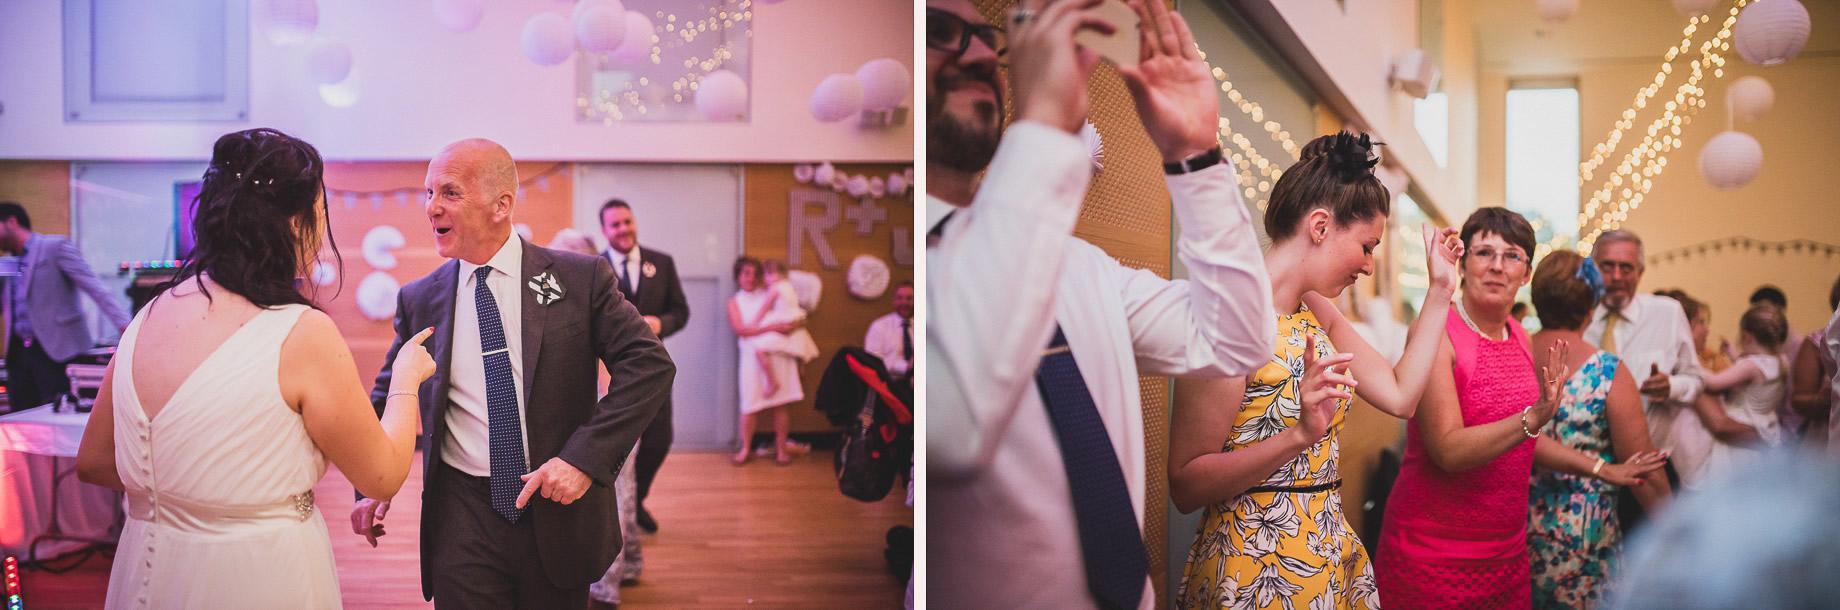 Becky and John's Wedding at Slaidburn Village Hall 213